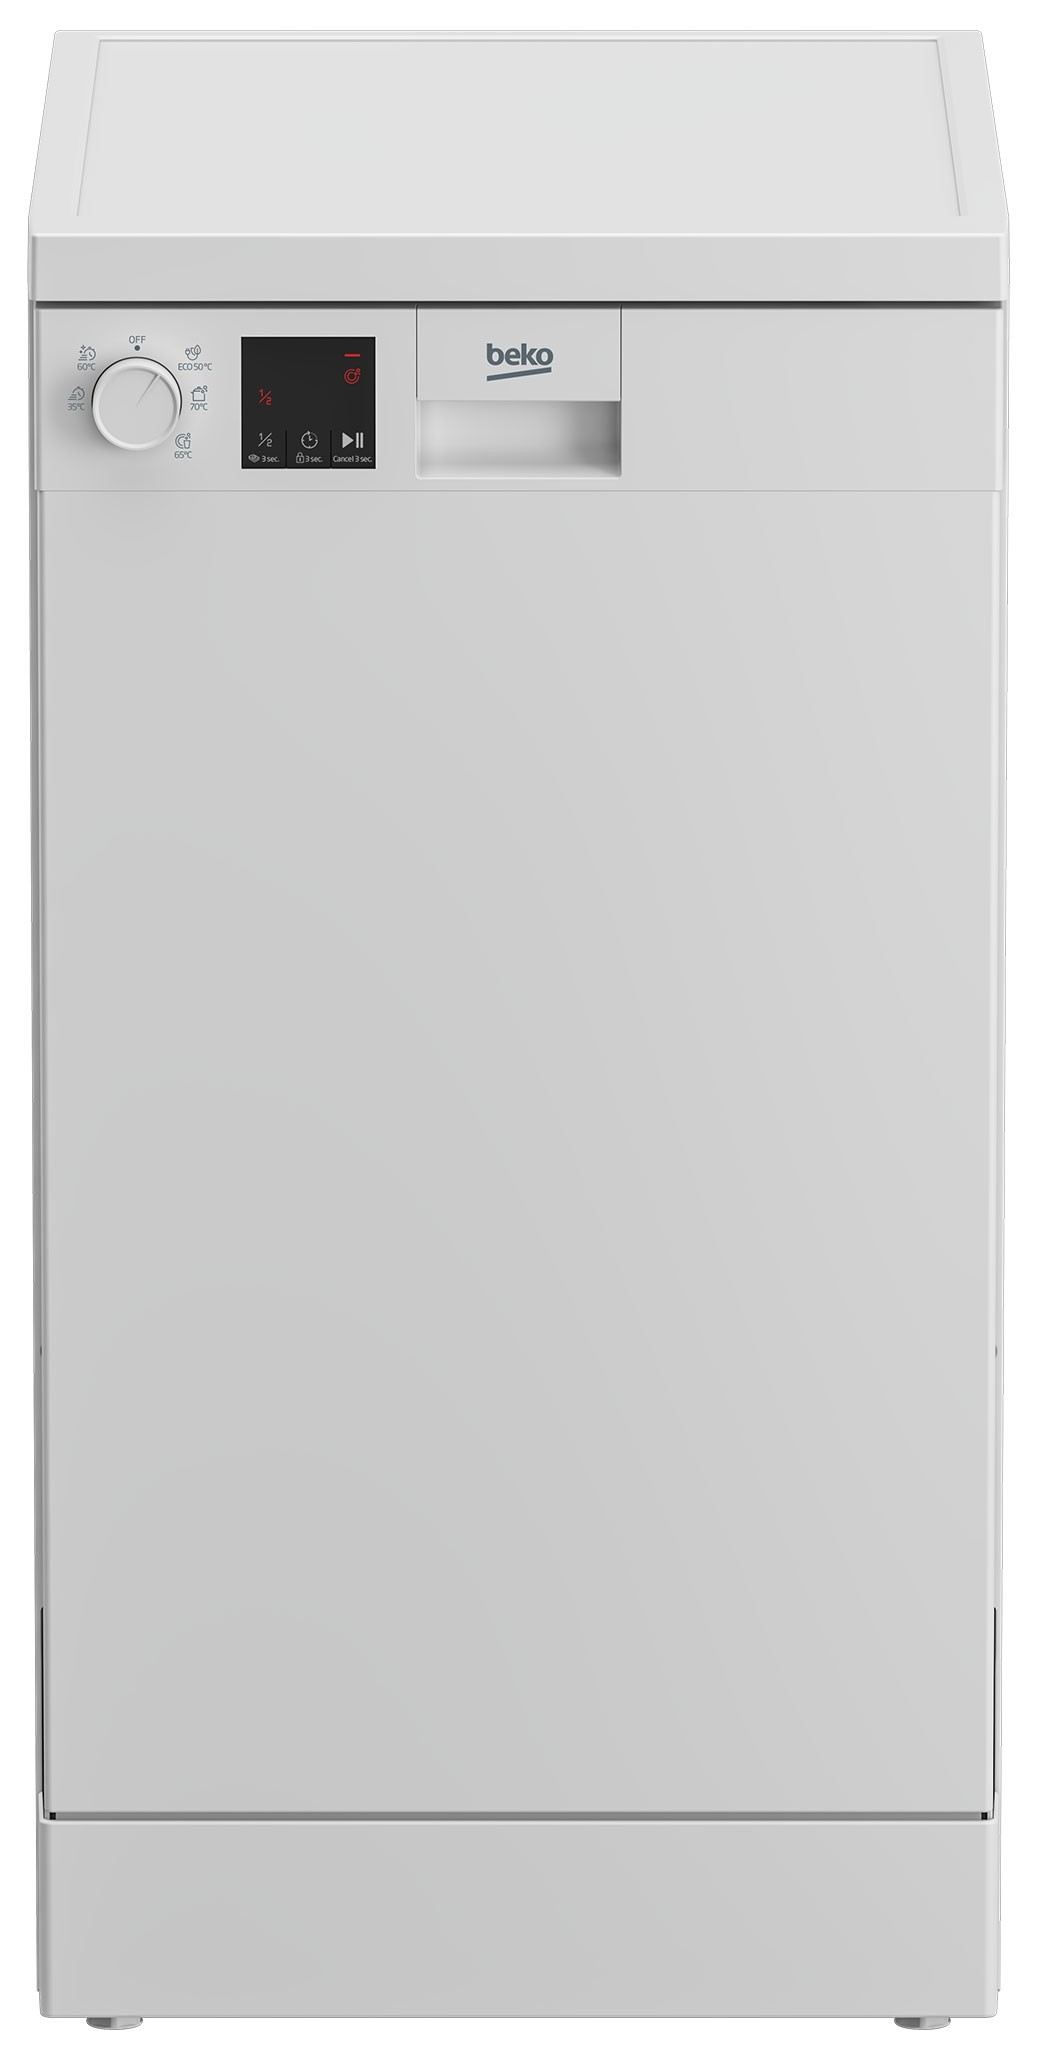 Masina de spalat vase Beko DVS05024W